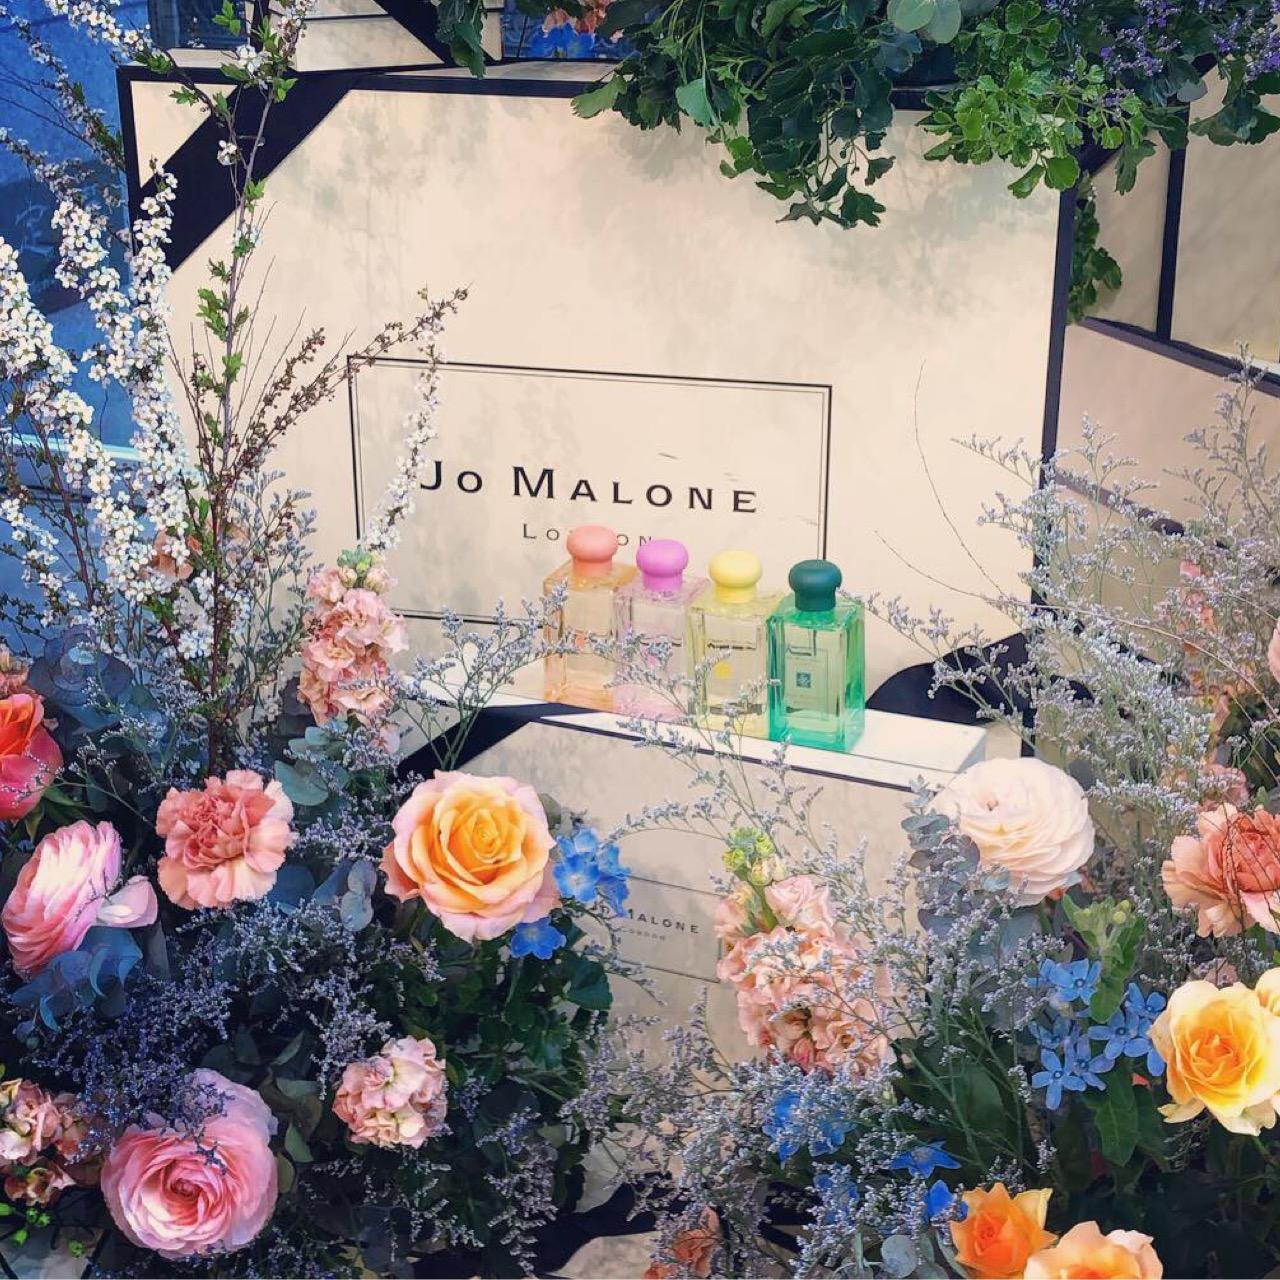 """花薫る新作!JO MALONE LONDONの""""ブロッサムズ""""シリーズの新作発売記念ポップアップイベントへ行ってきました♡_1"""